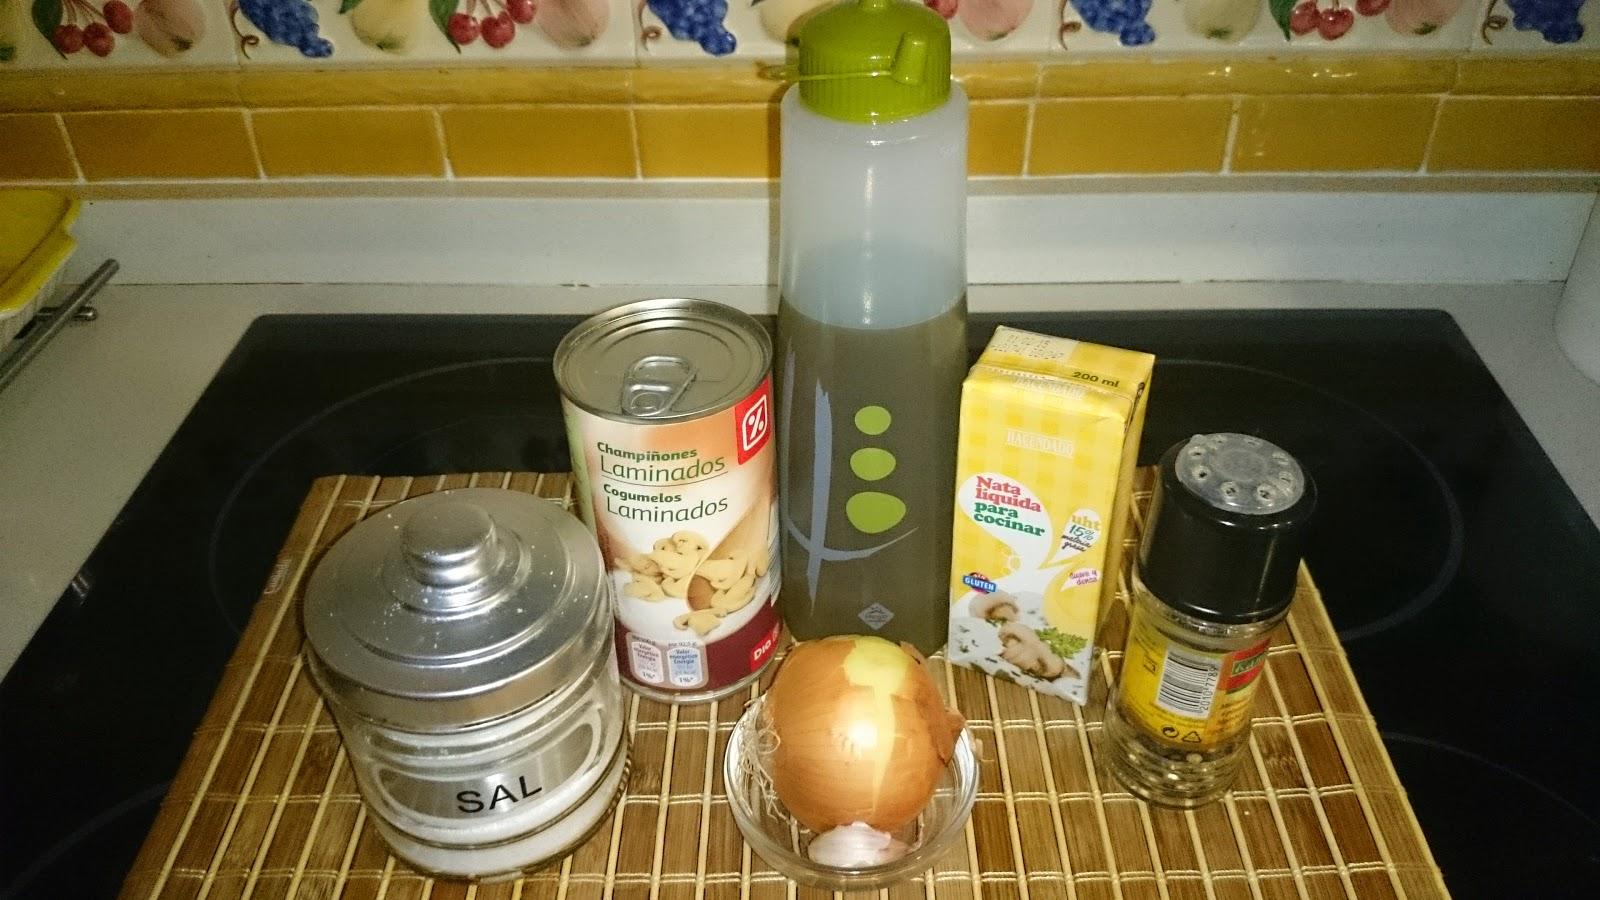 Recetas de elena champi ones con cebolla y nata for Cocinar champinones laminados